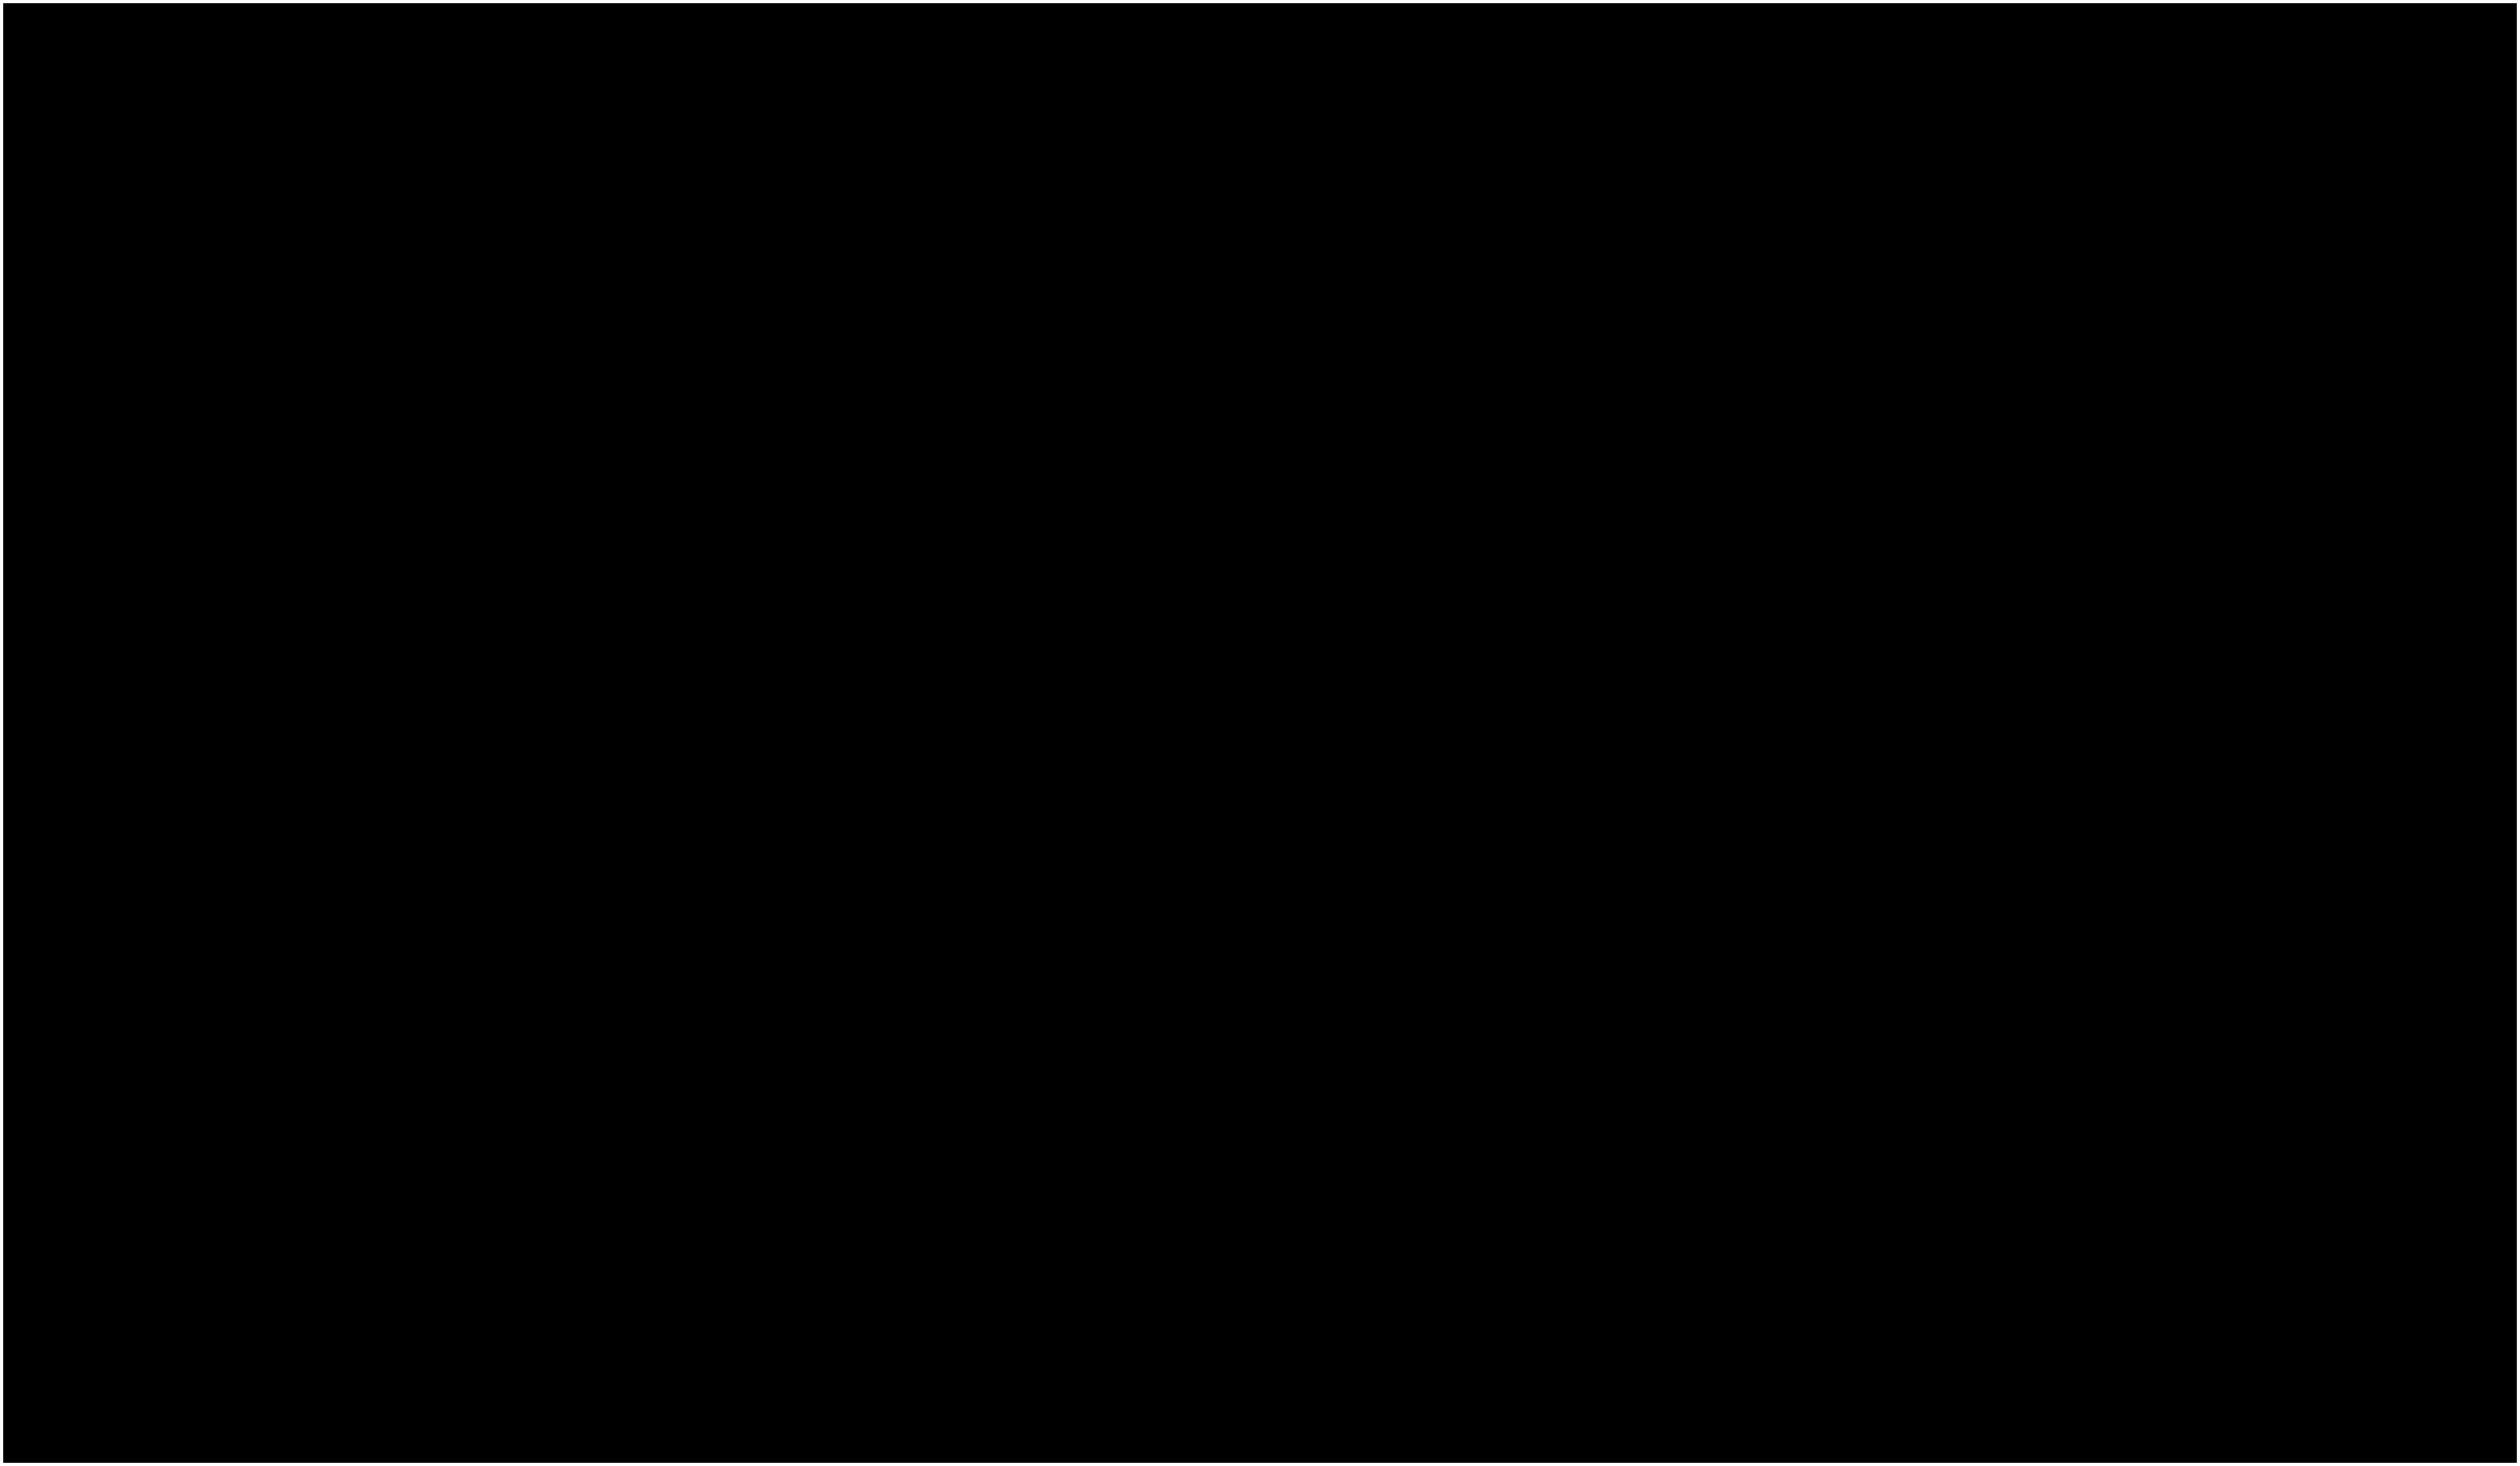 YTD01_21